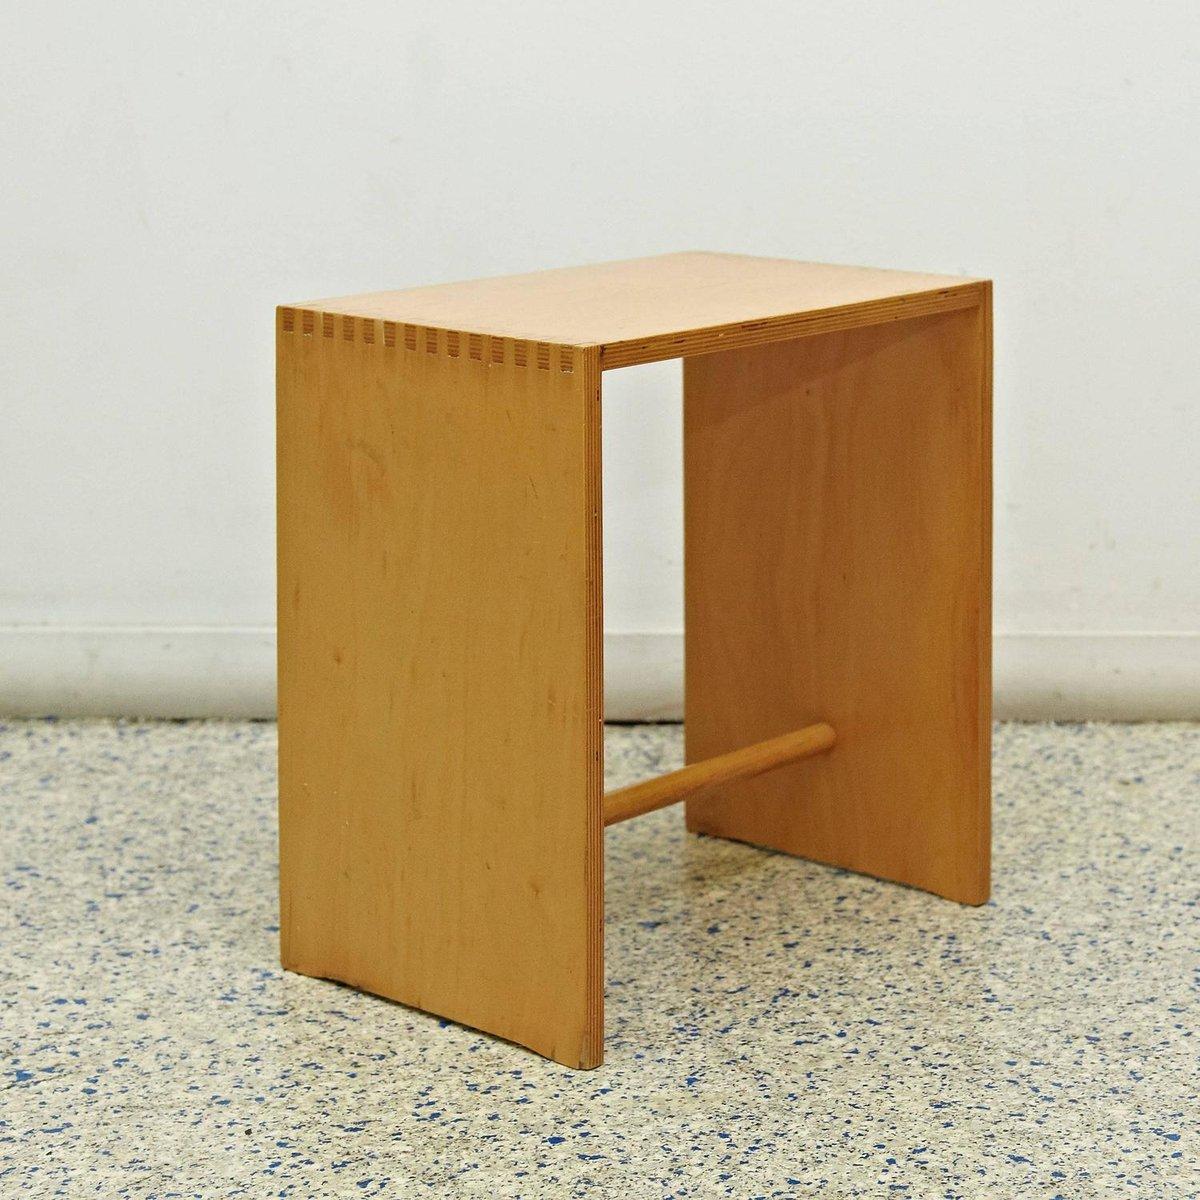 hocker aus holz von max bill f r zanotta 1950er bei. Black Bedroom Furniture Sets. Home Design Ideas